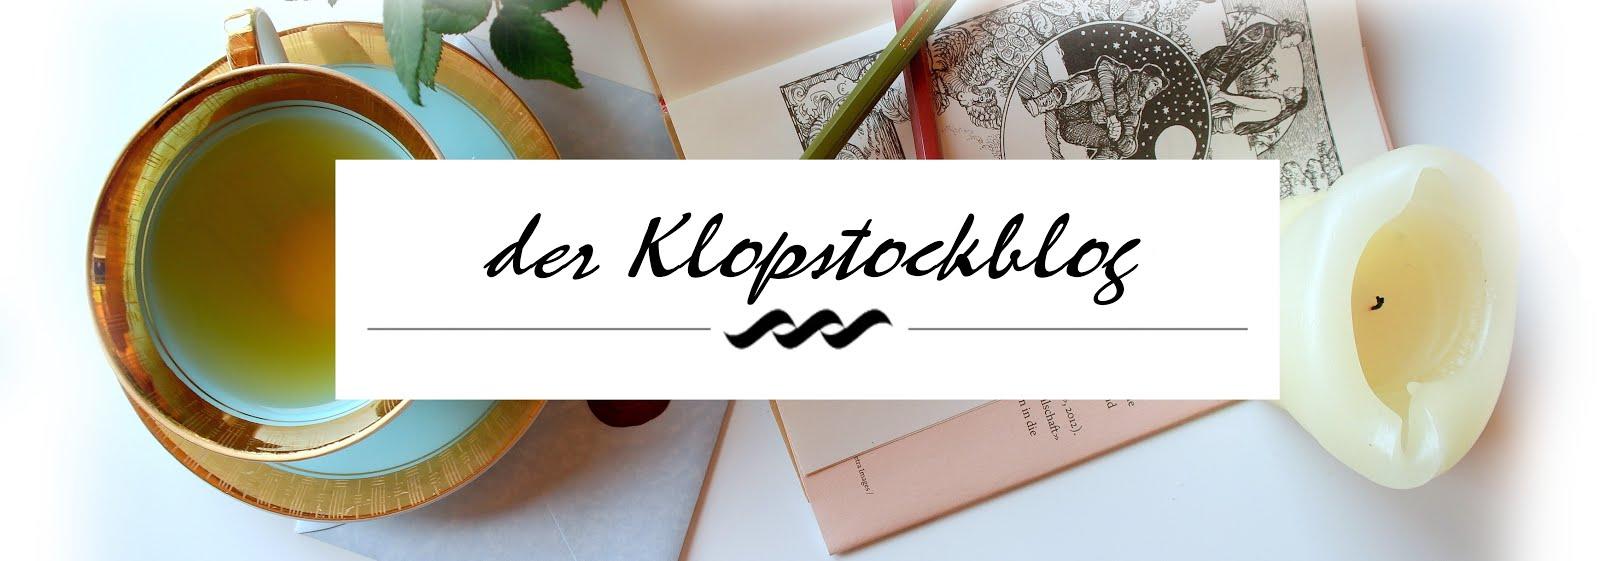 Klopstock